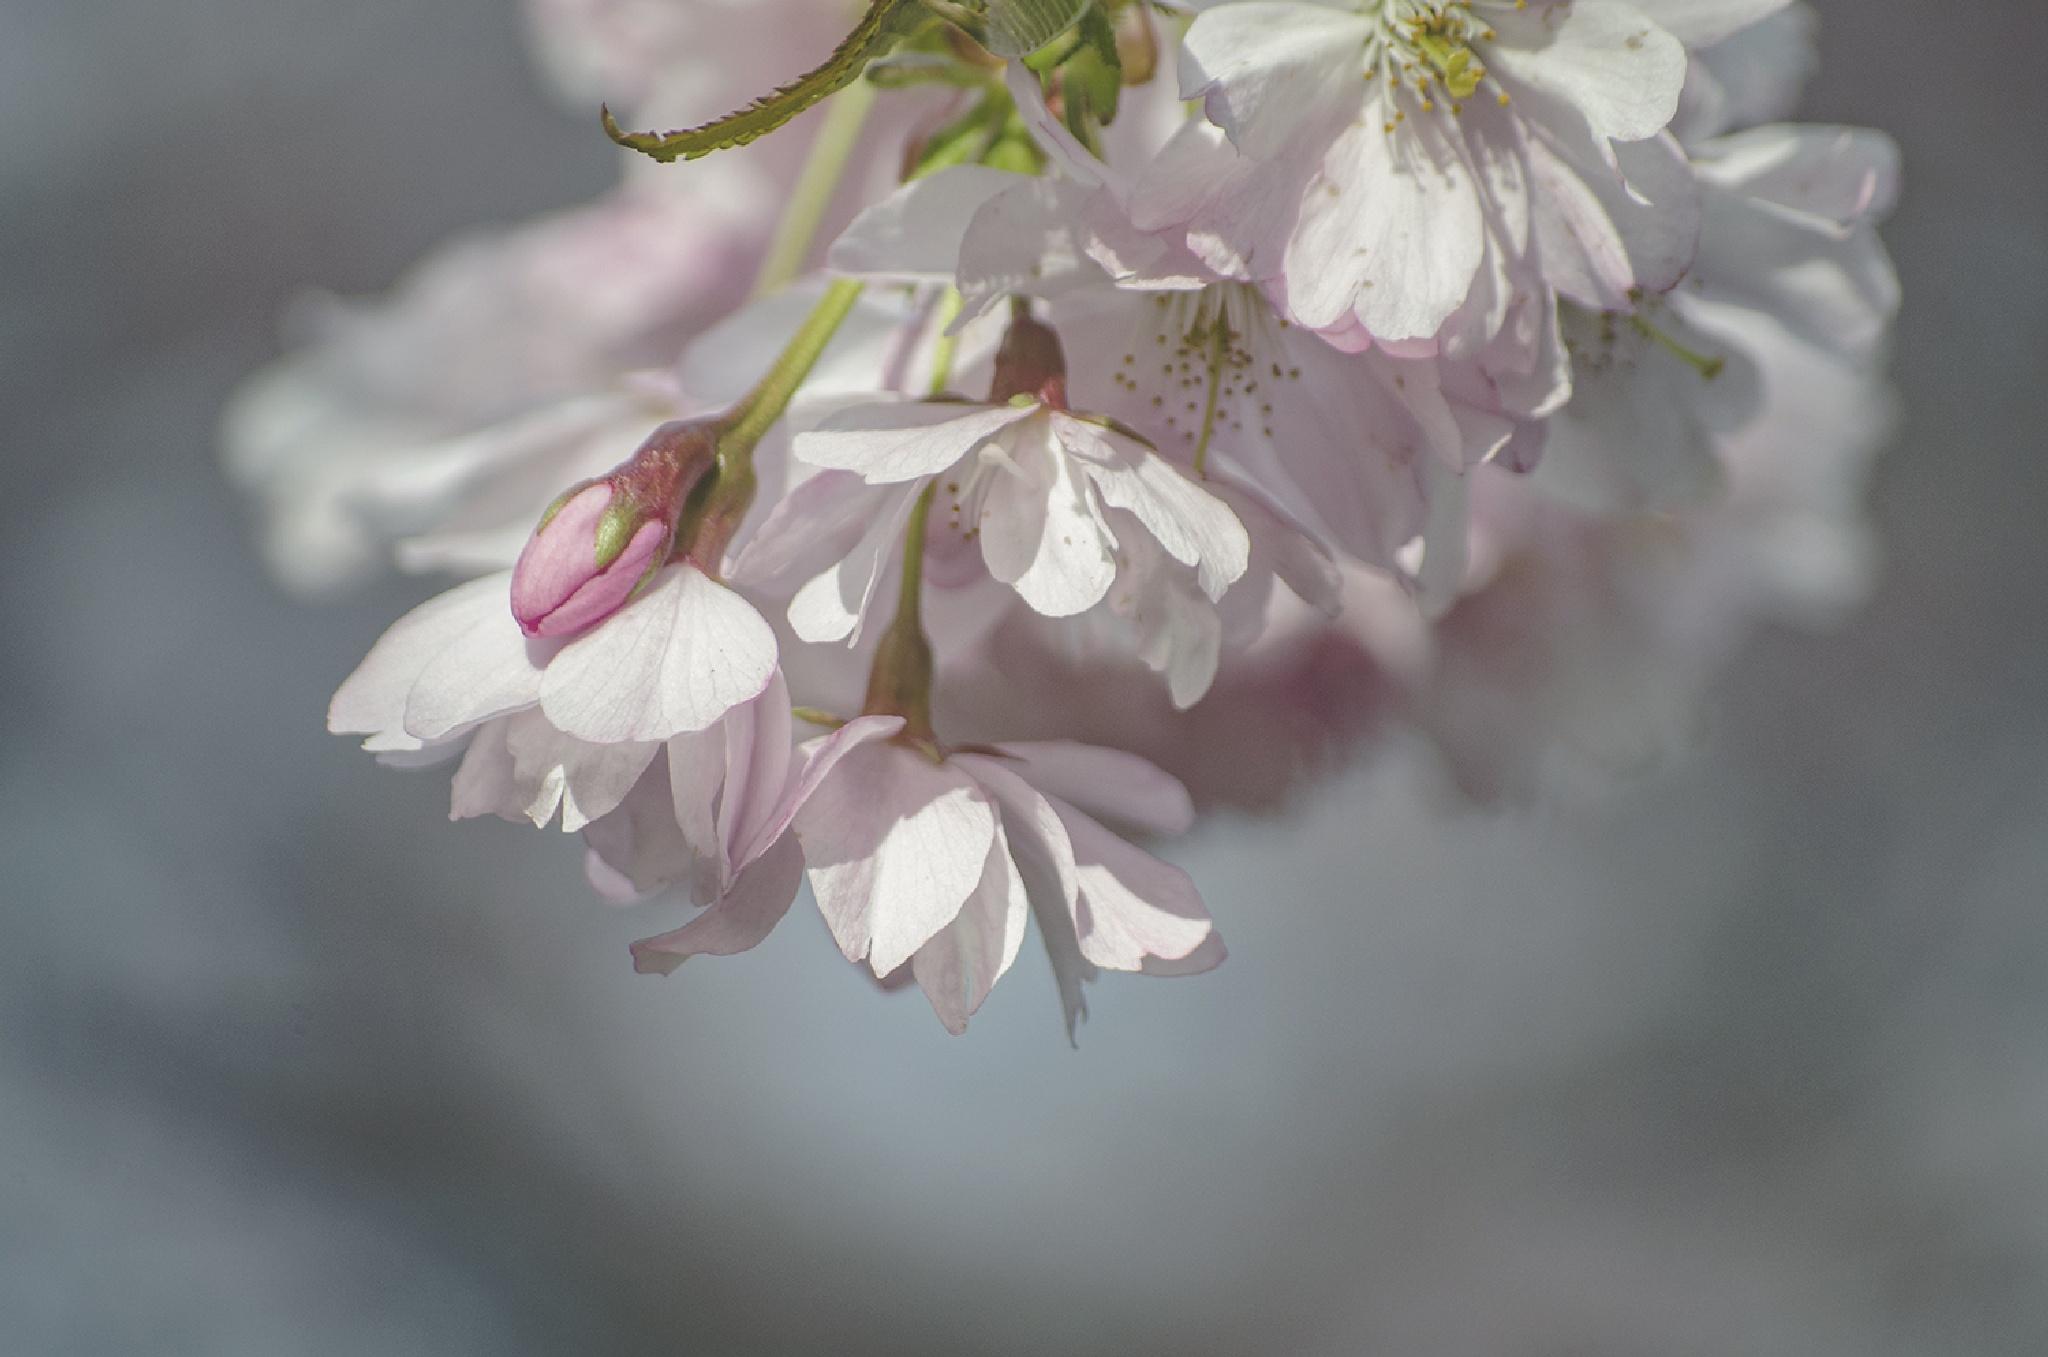 Pink Flowers in the spring by Lotta Ek